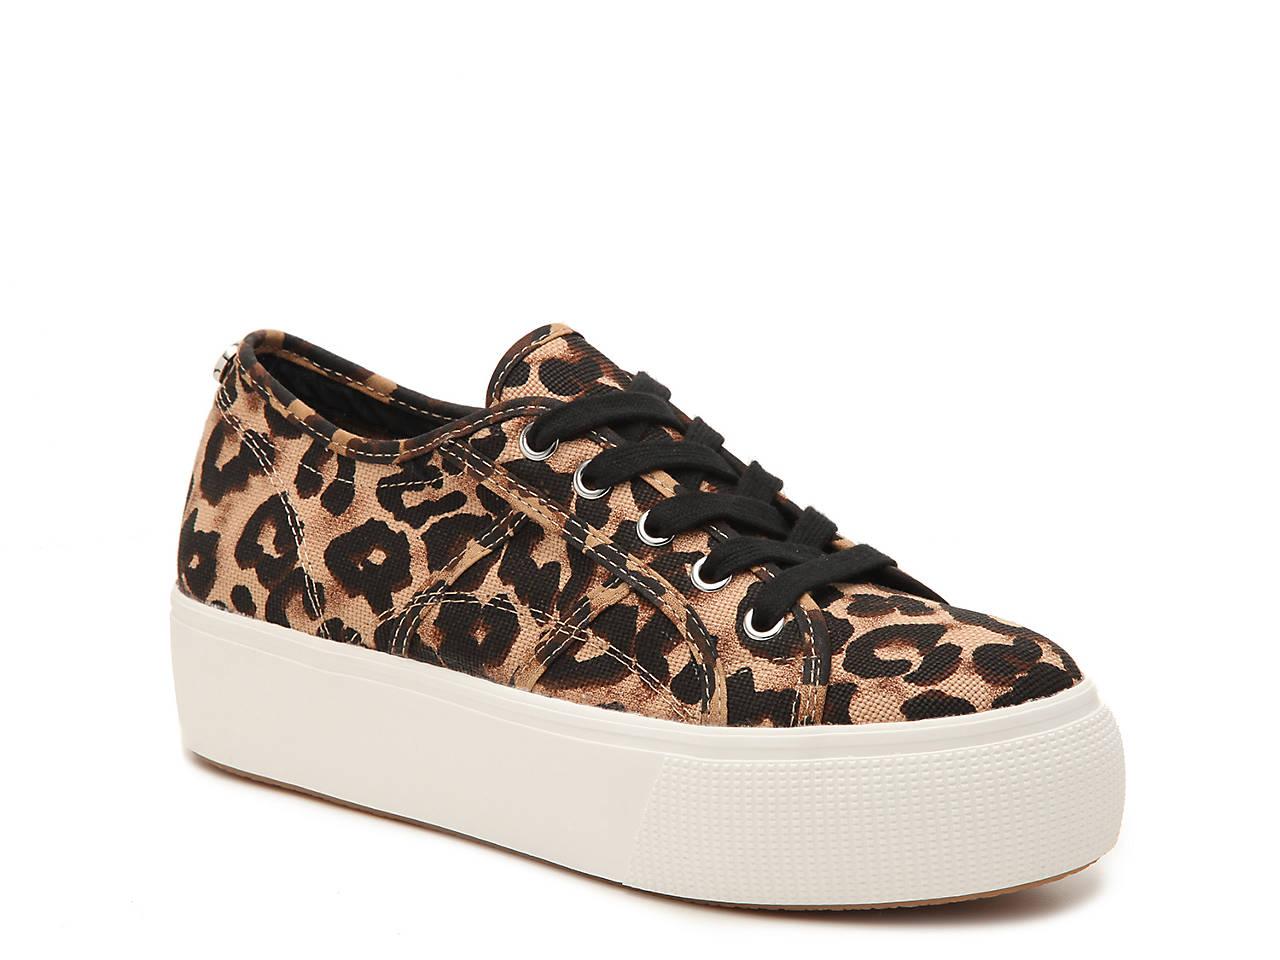 e1e47c7d86 Steve Madden Emmi Platform Sneaker Women's Shoes   DSW